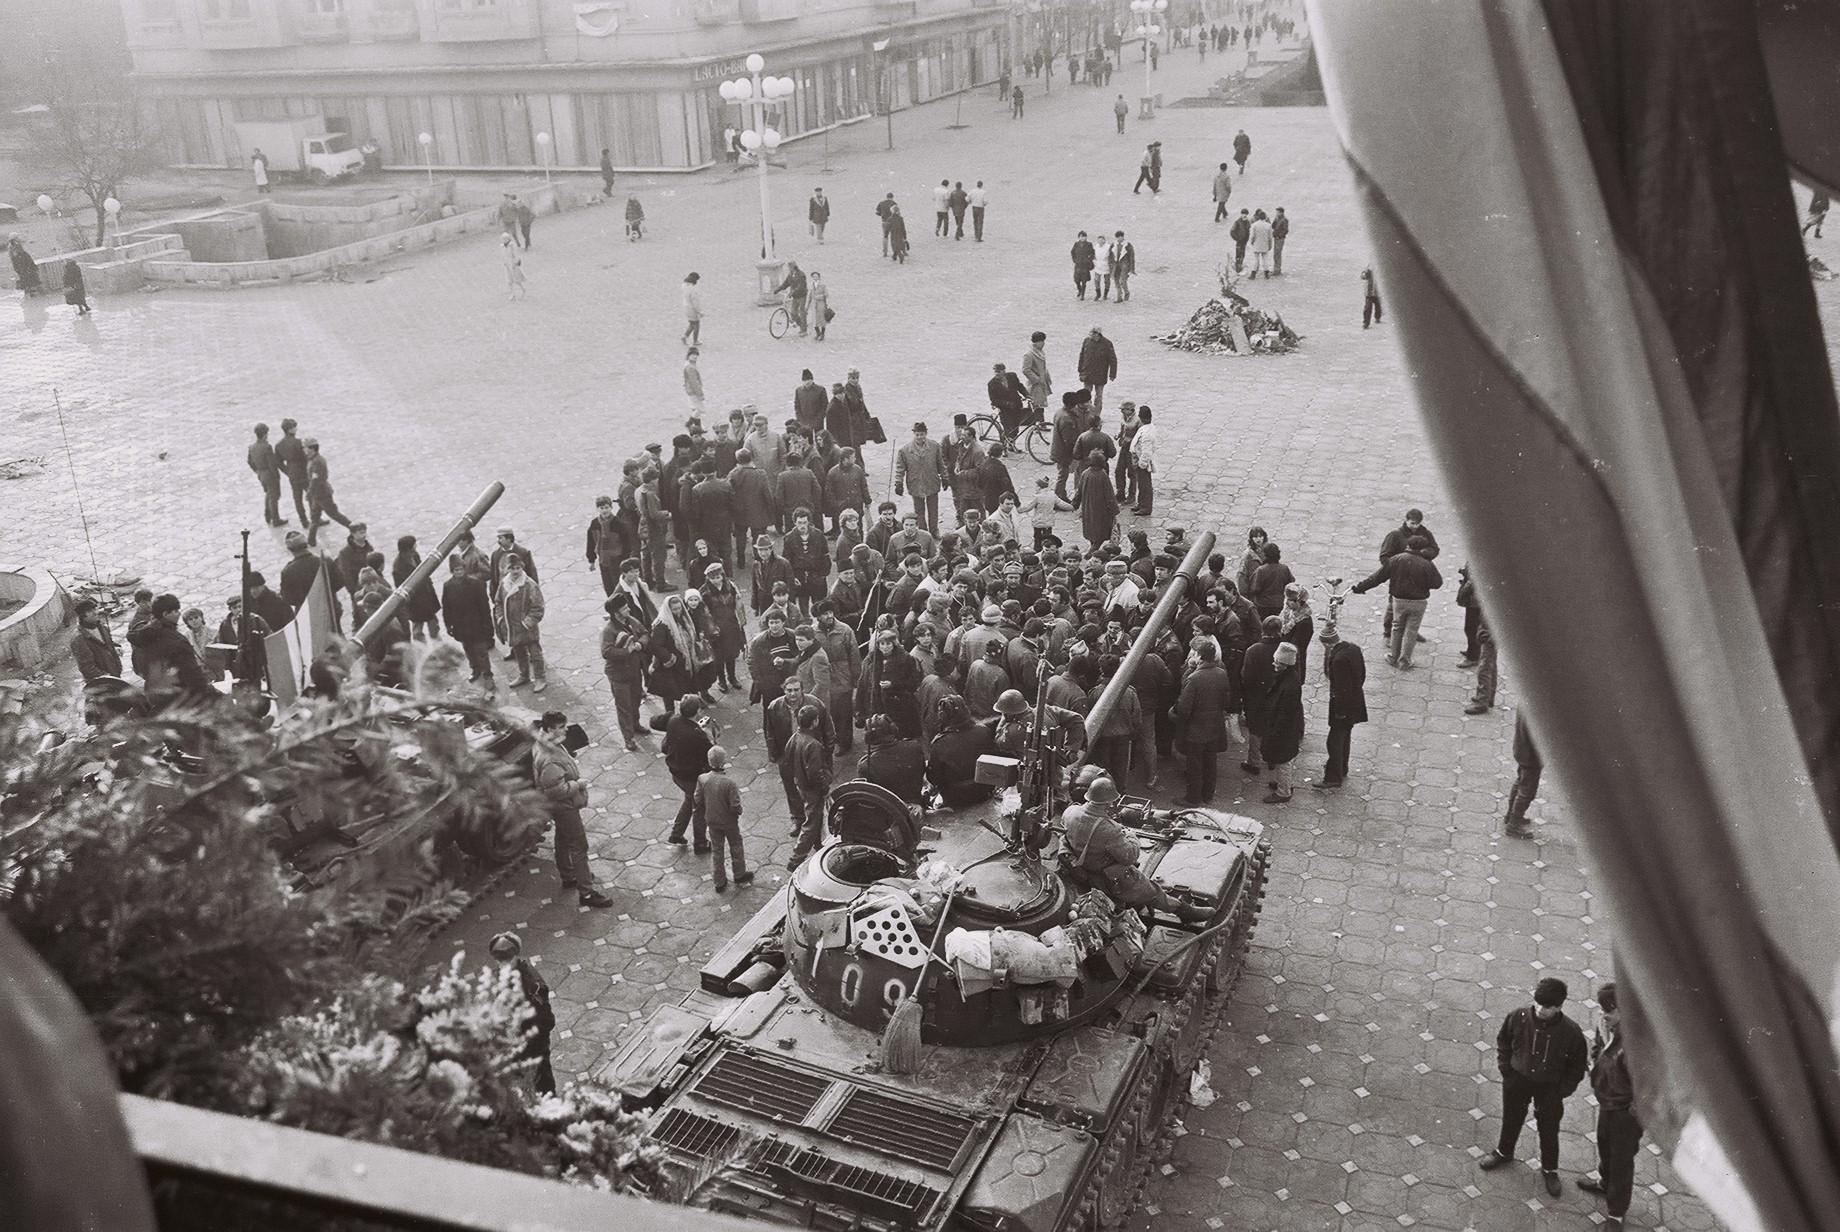 """17 decembrie 1989 Ziua MASACRULUI pentru orașul MARTIR al Revoluției: 66 de  morți și 196 de răniți. Unde și-au făcut apariția """"indivizii suspecți"""" FOTO"""